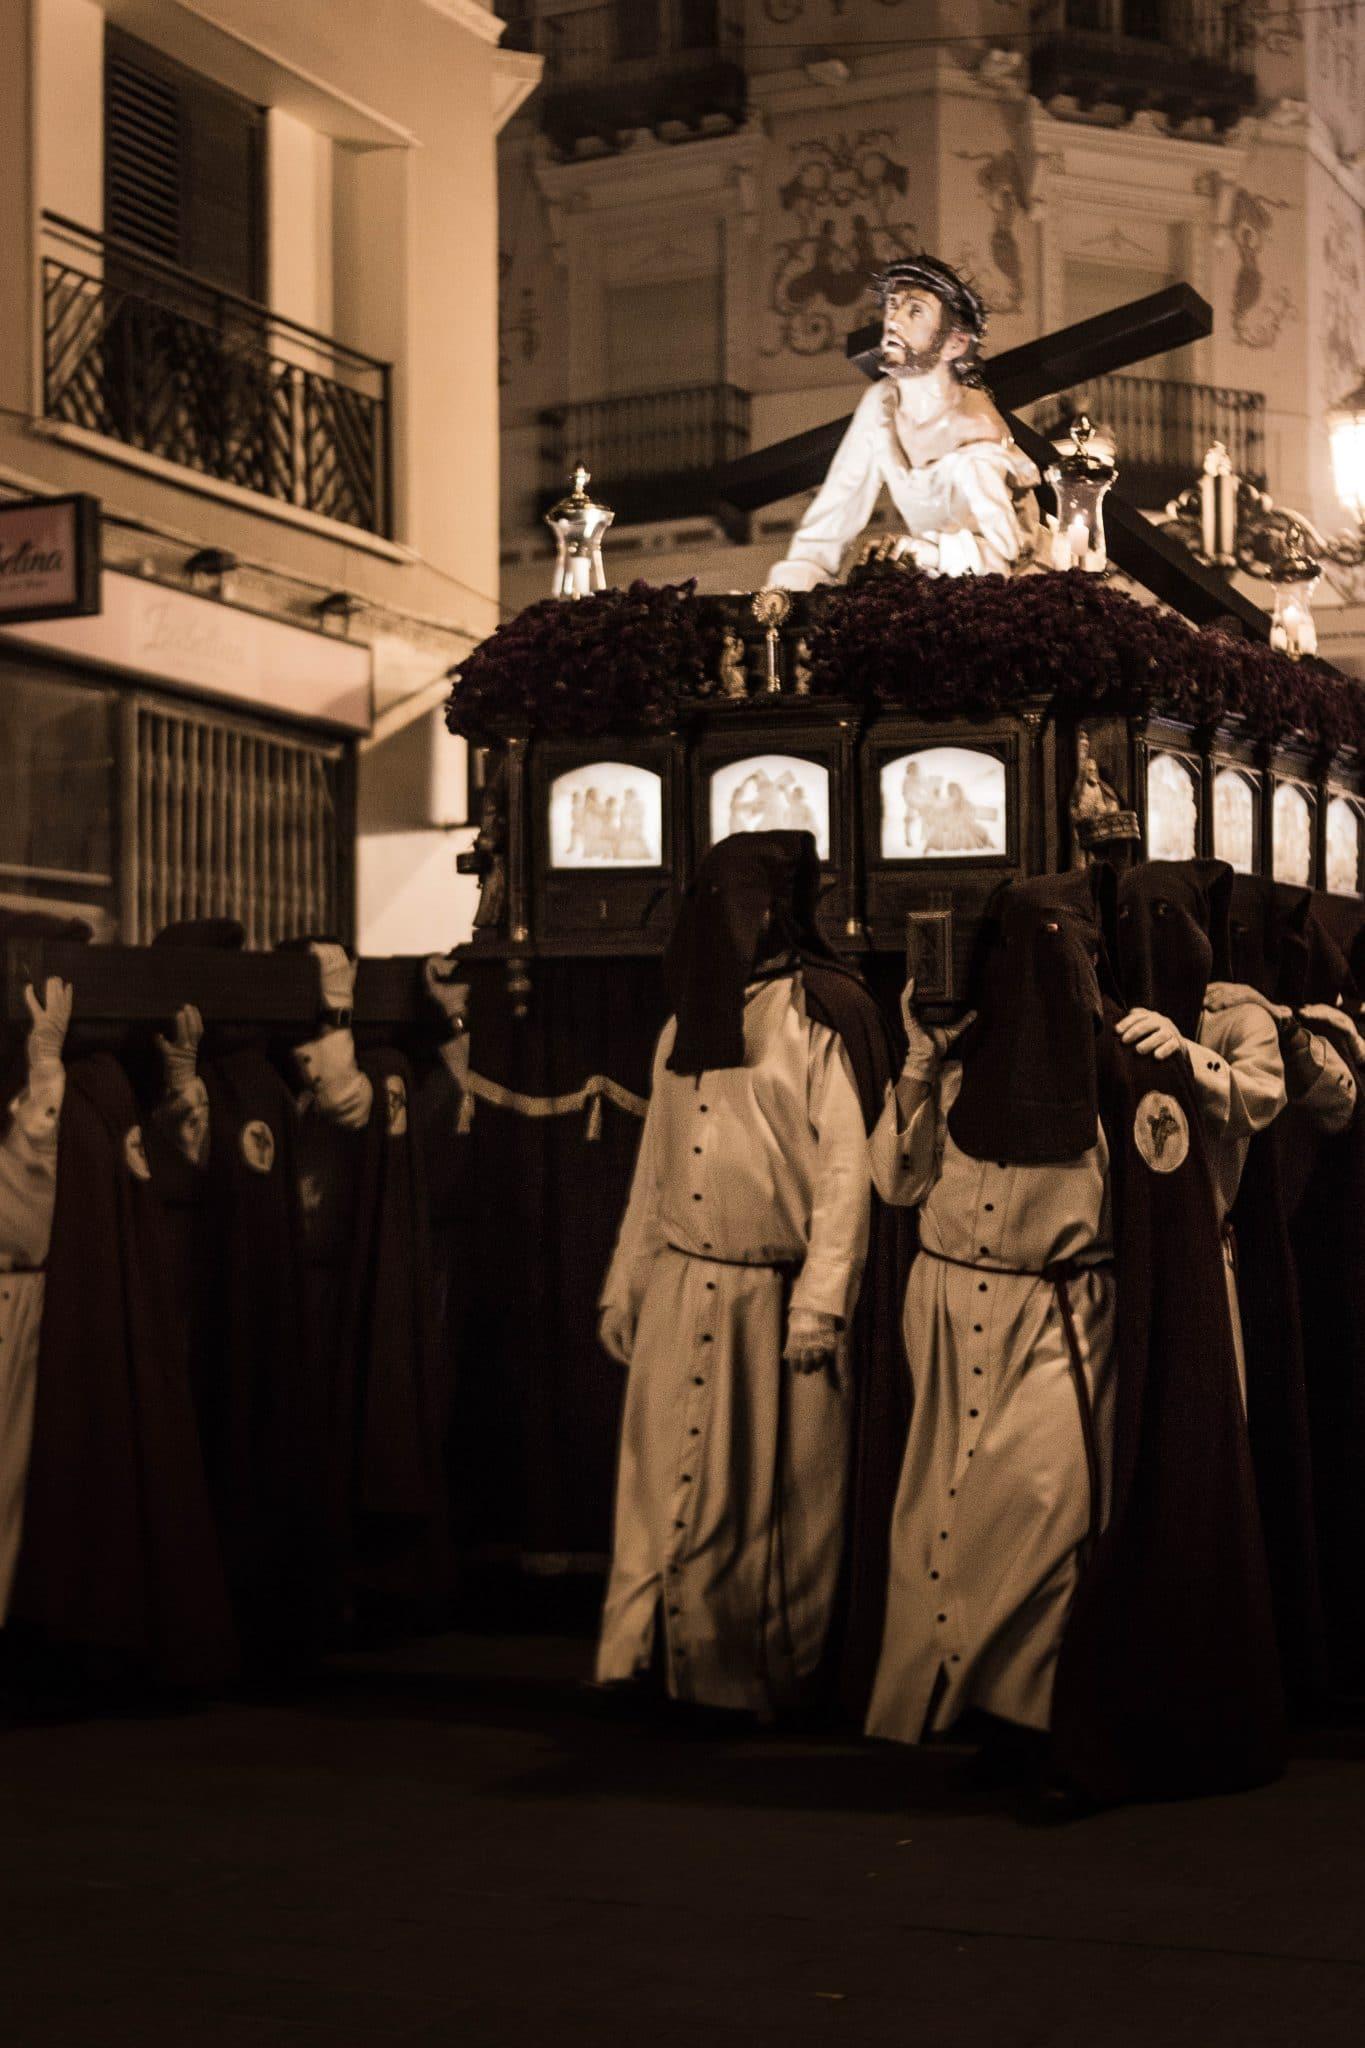 Semana Santa en Zaragoza - Procesión del Encuentro Calvario